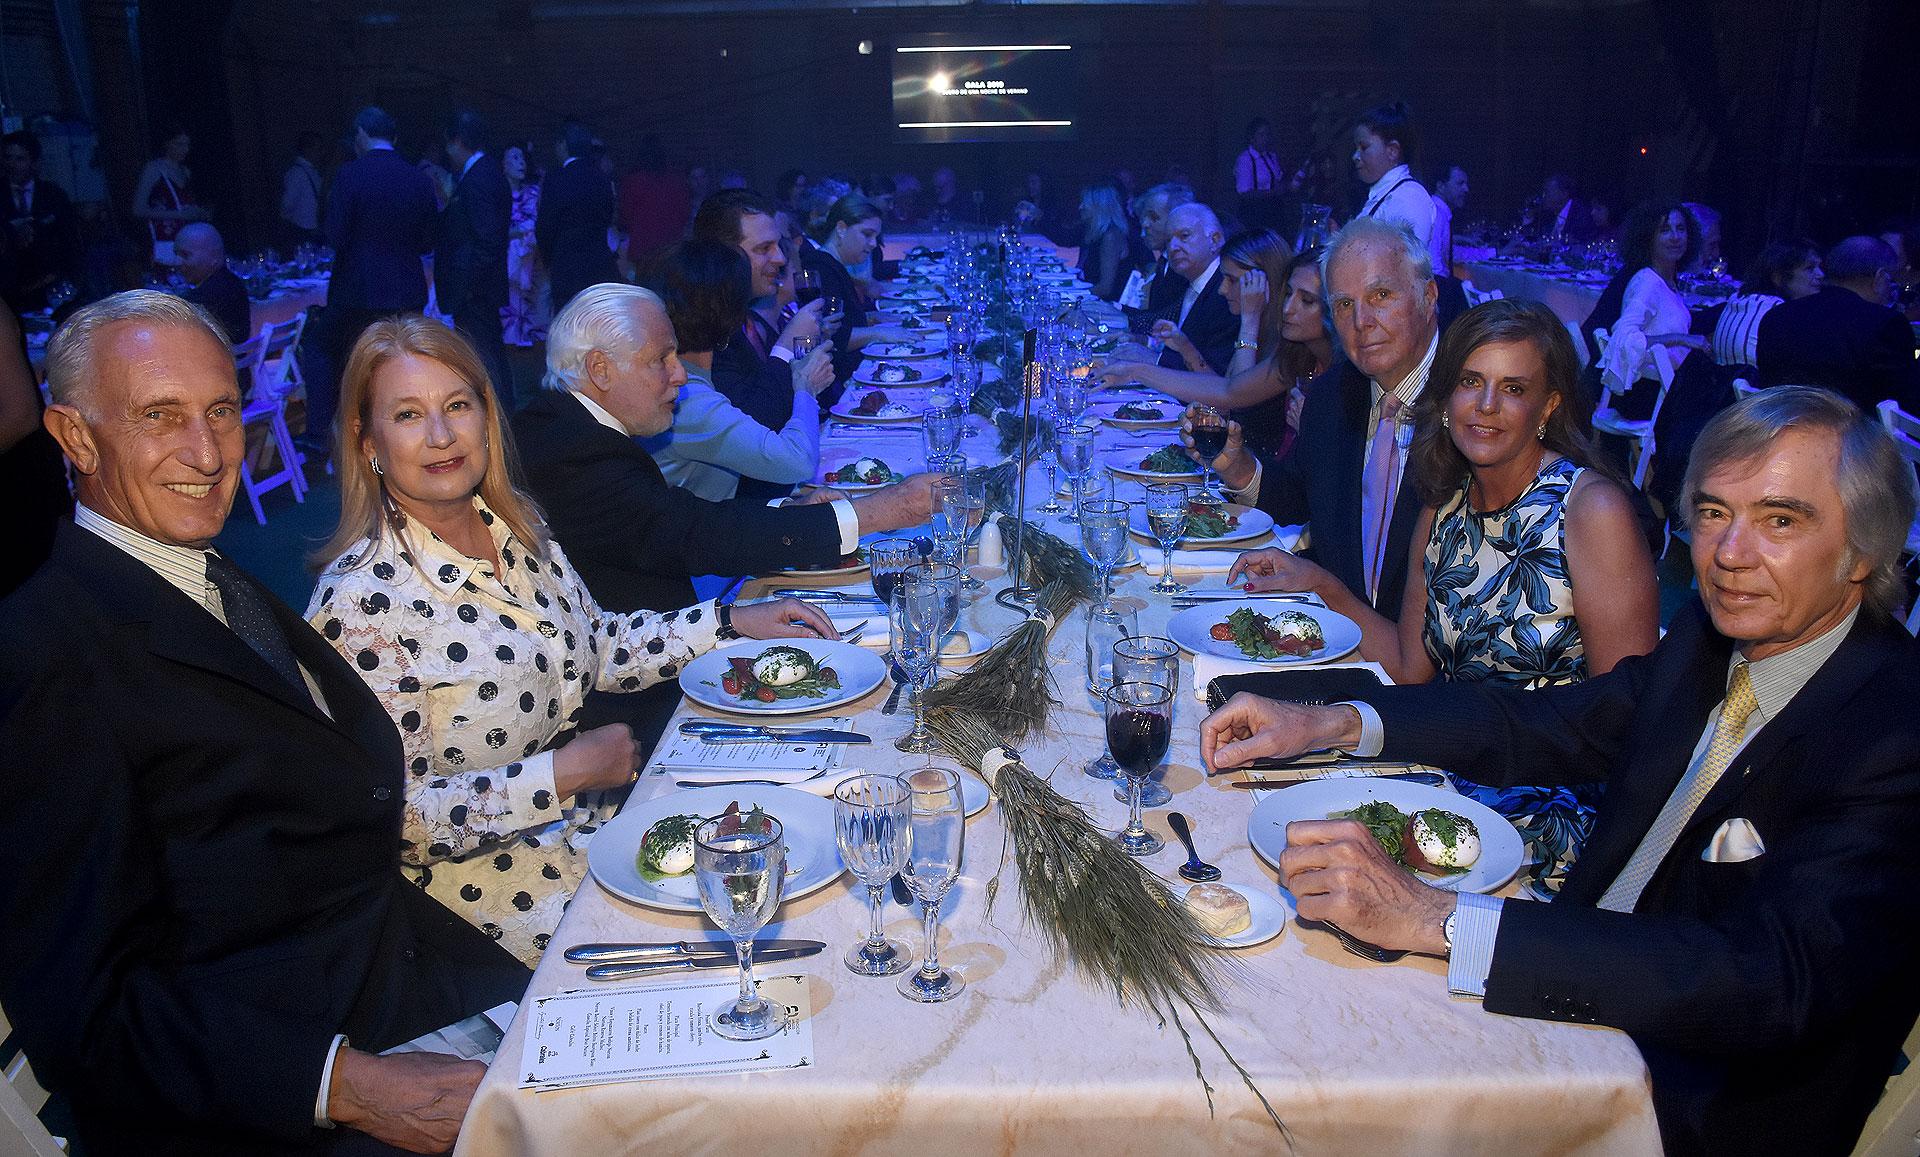 Jorge Neuss y su mujer Silvia Saravia de Neuss compartieron la mesa con Charlie Blaquier y su mujer, María Taquini de Blaquier